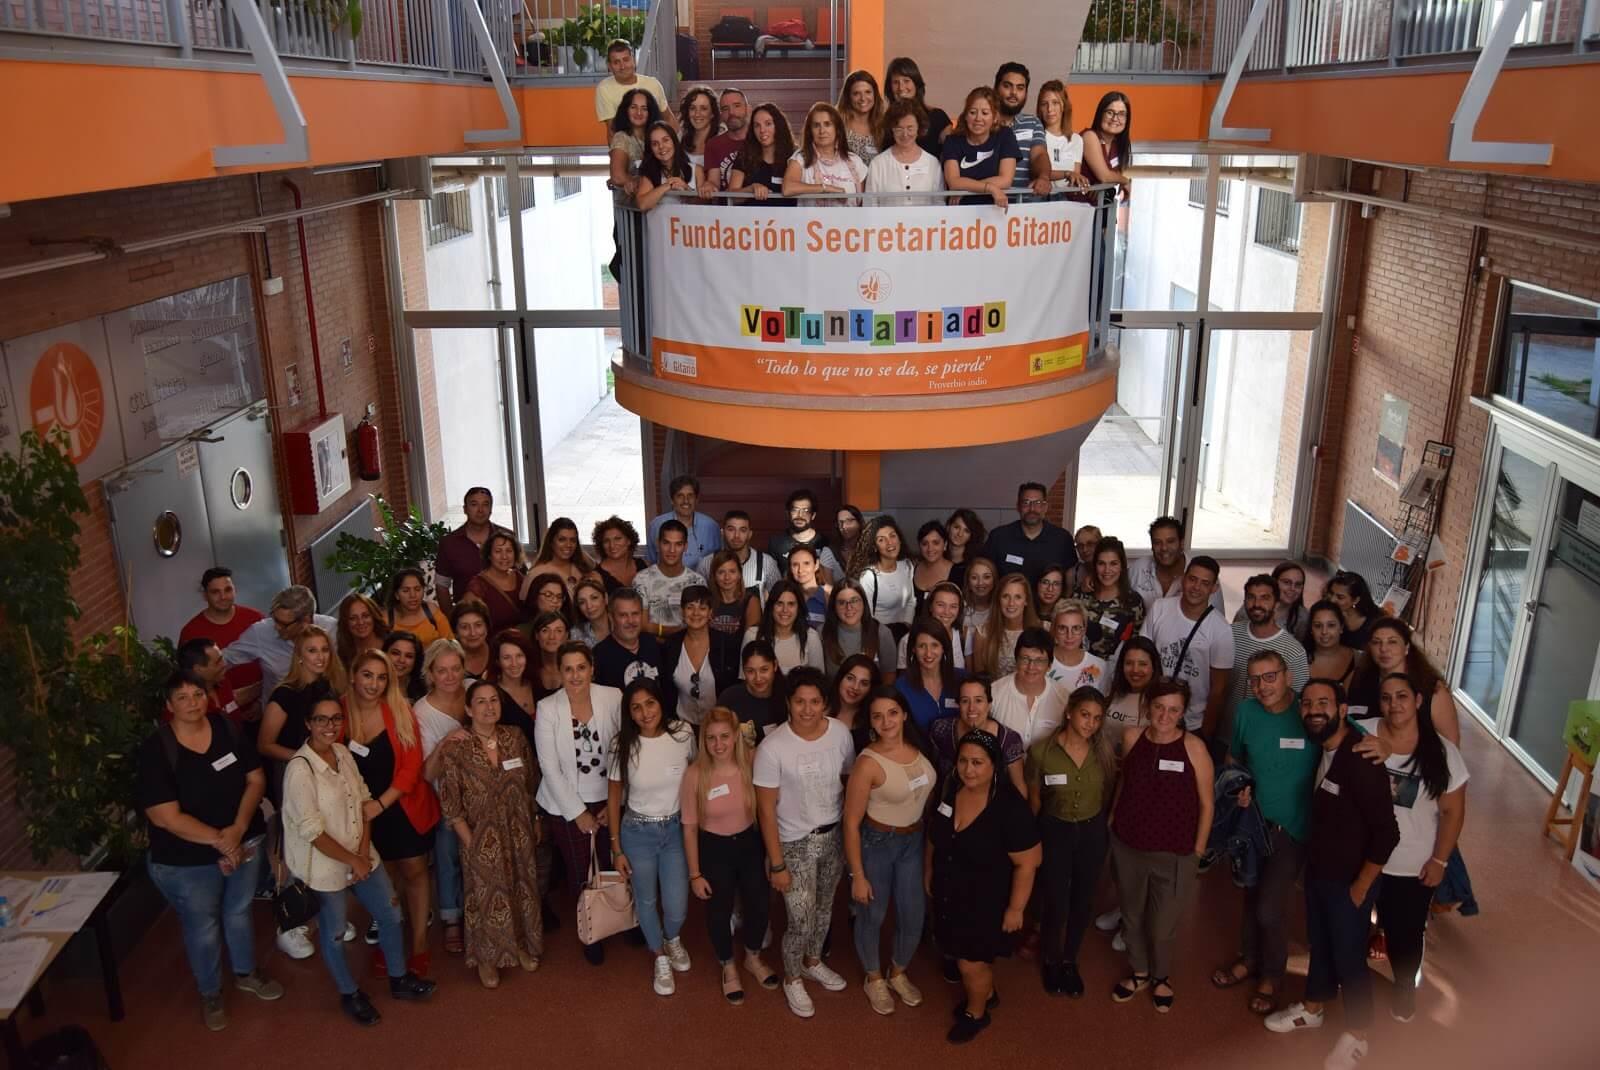 Imagen descriptiva de cabecera de la ONG Fundación Secretariado Gitano